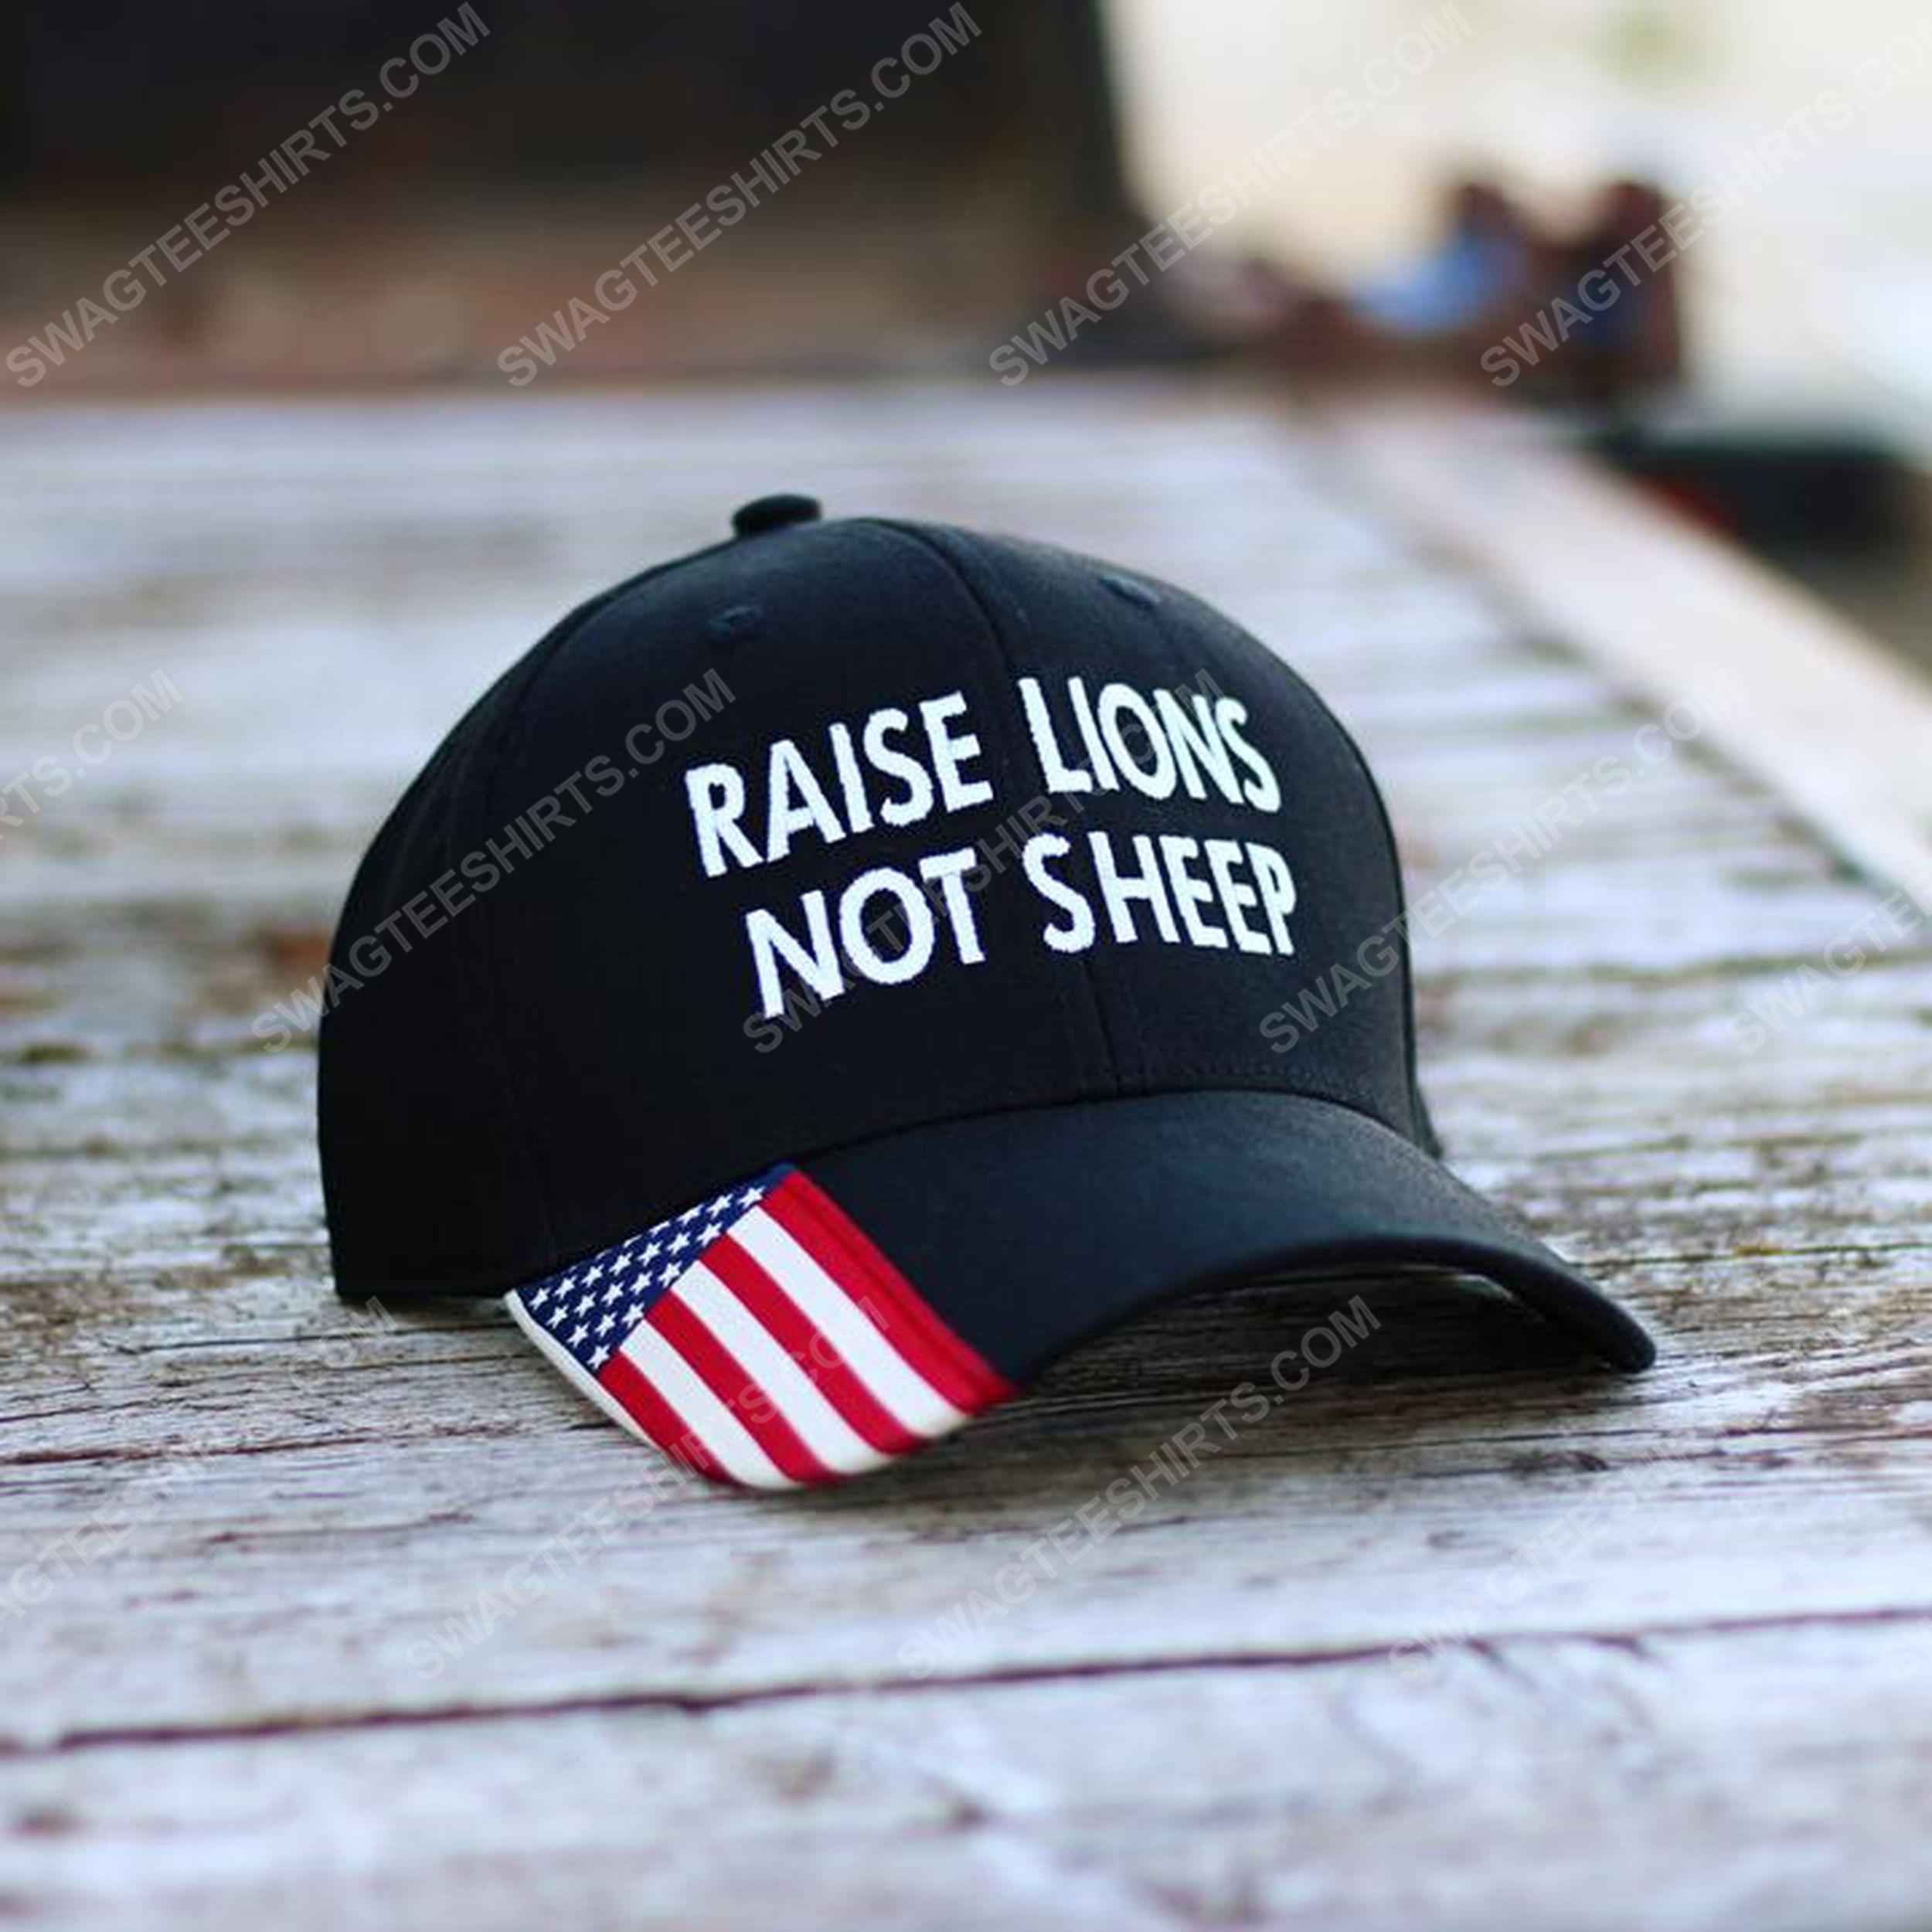 Raise lions not sheep full print classic hat 1 - Copy